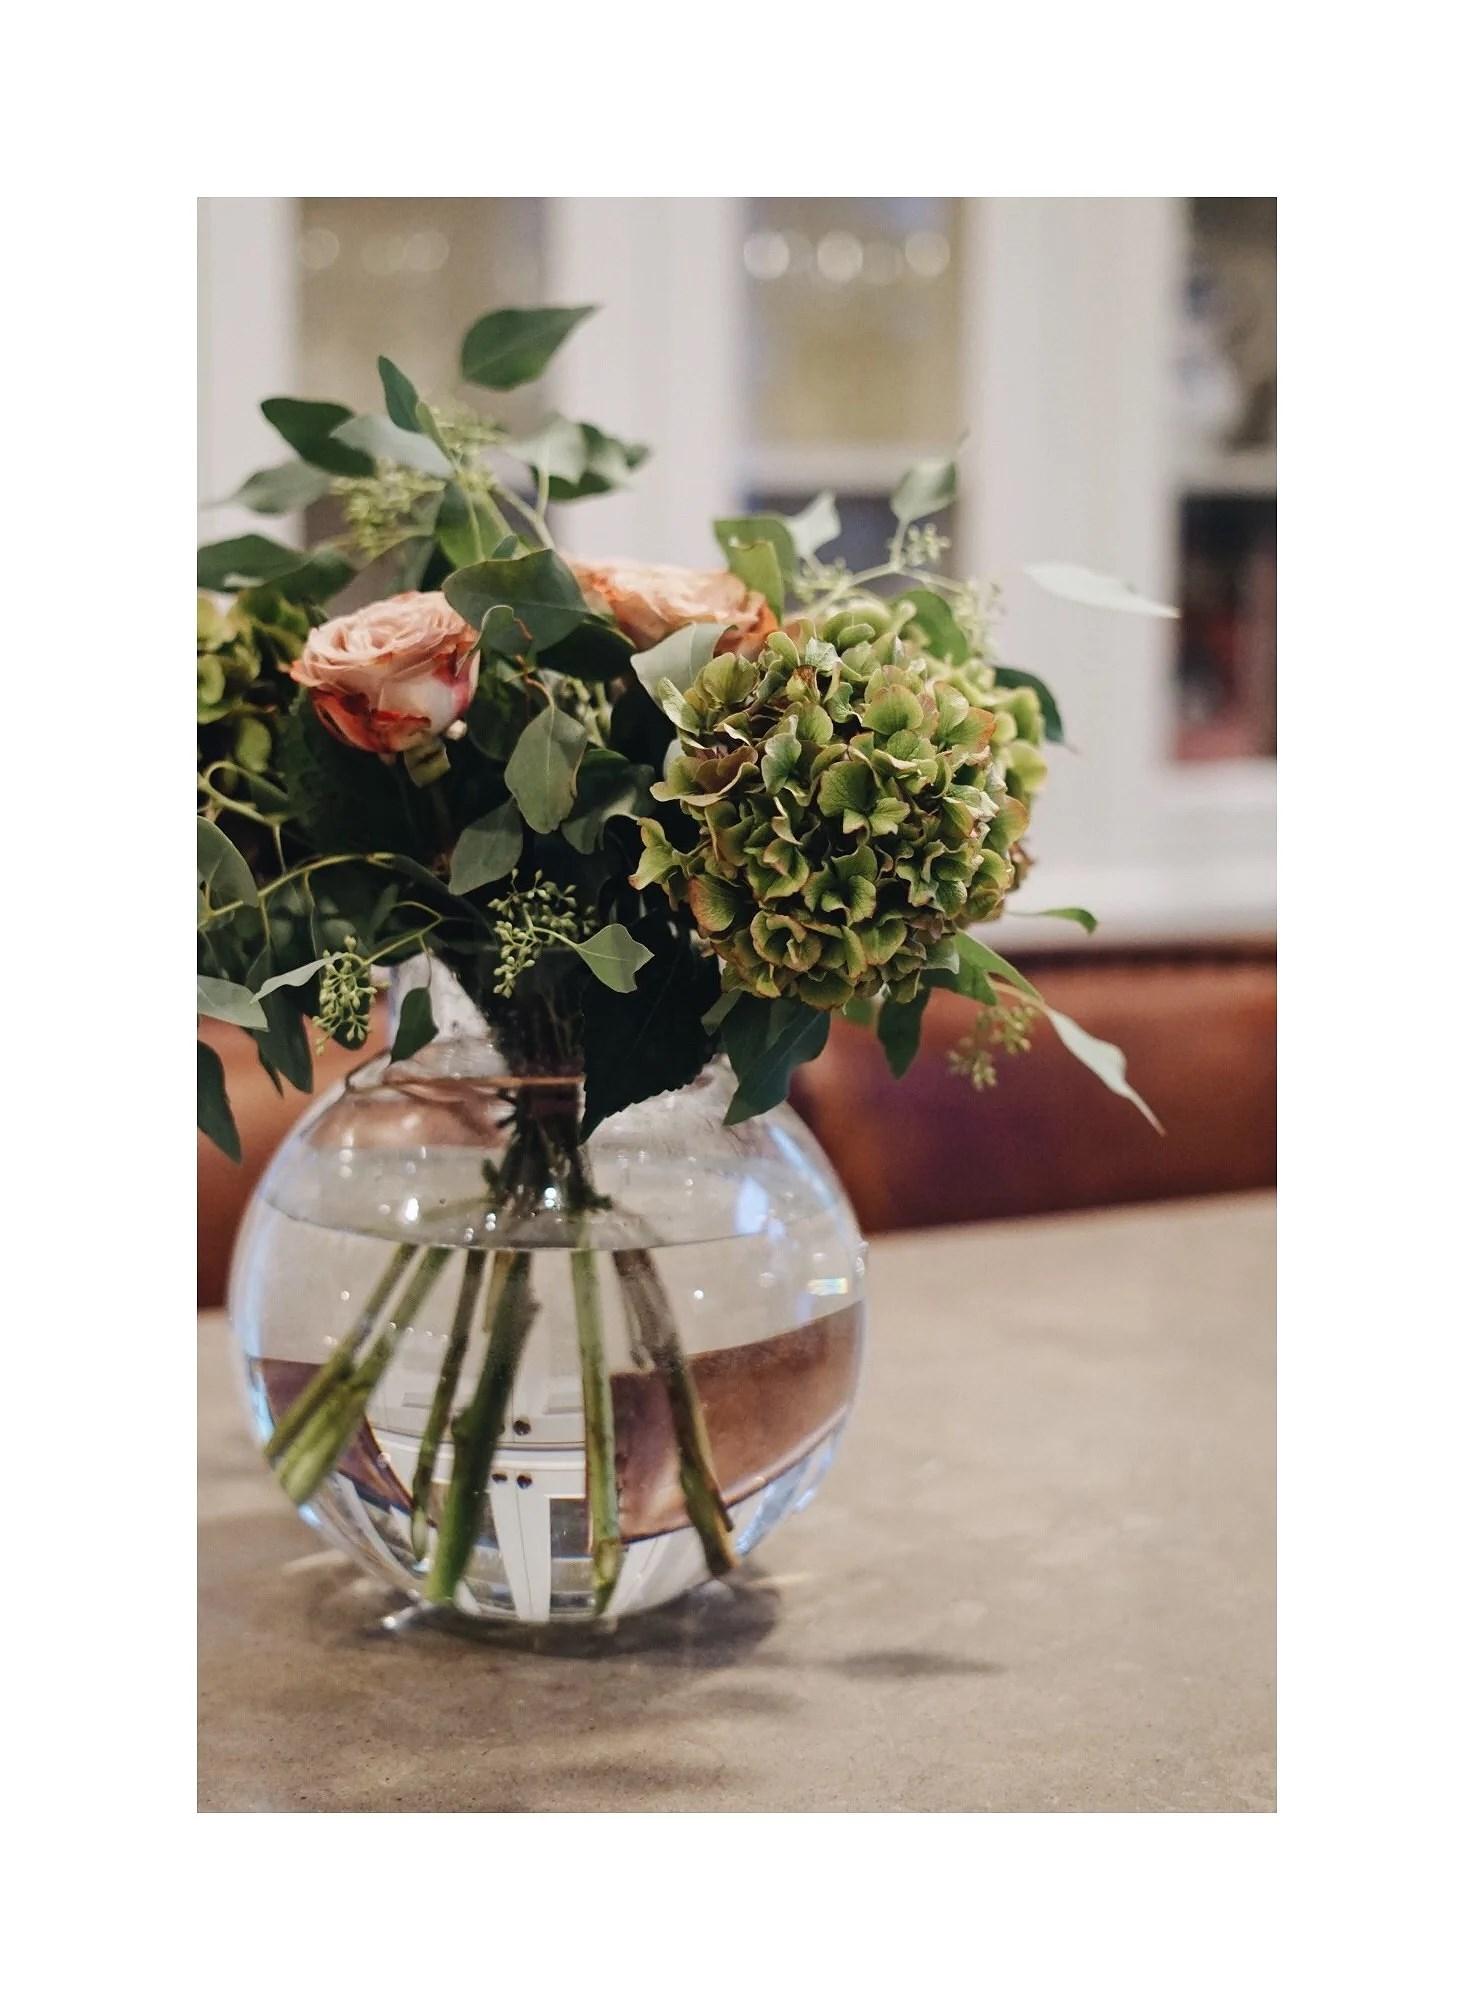 Bröllopsfest & en bukett blommor